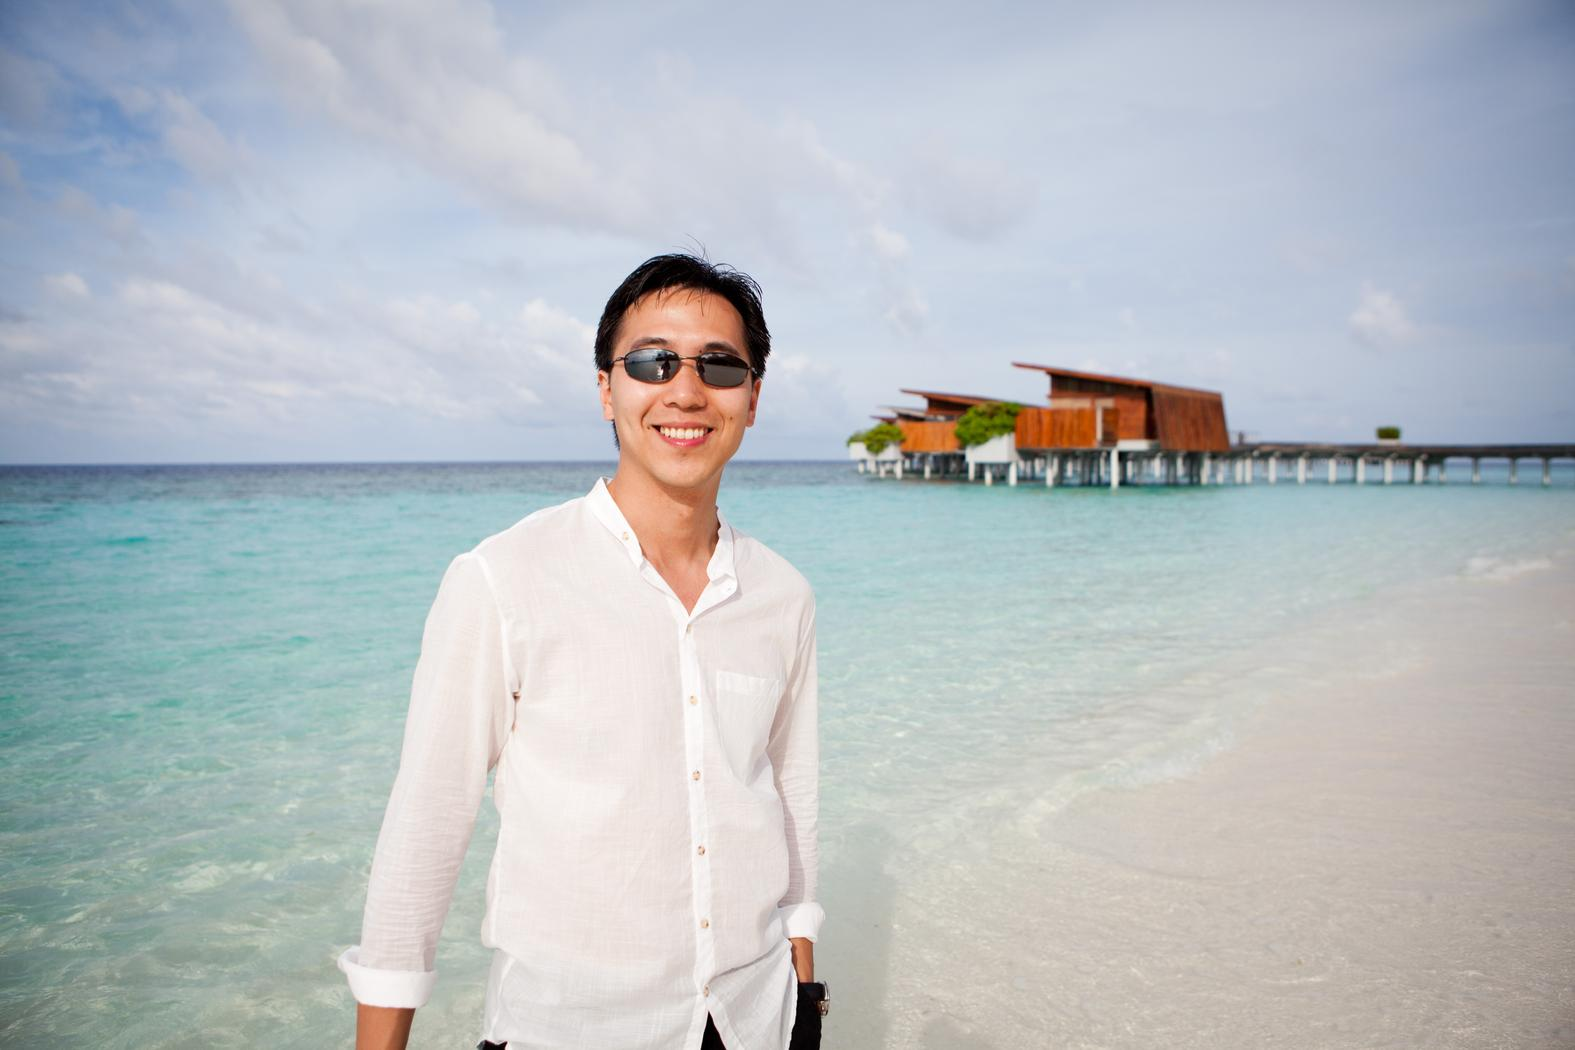 Yuchun Peter Wang